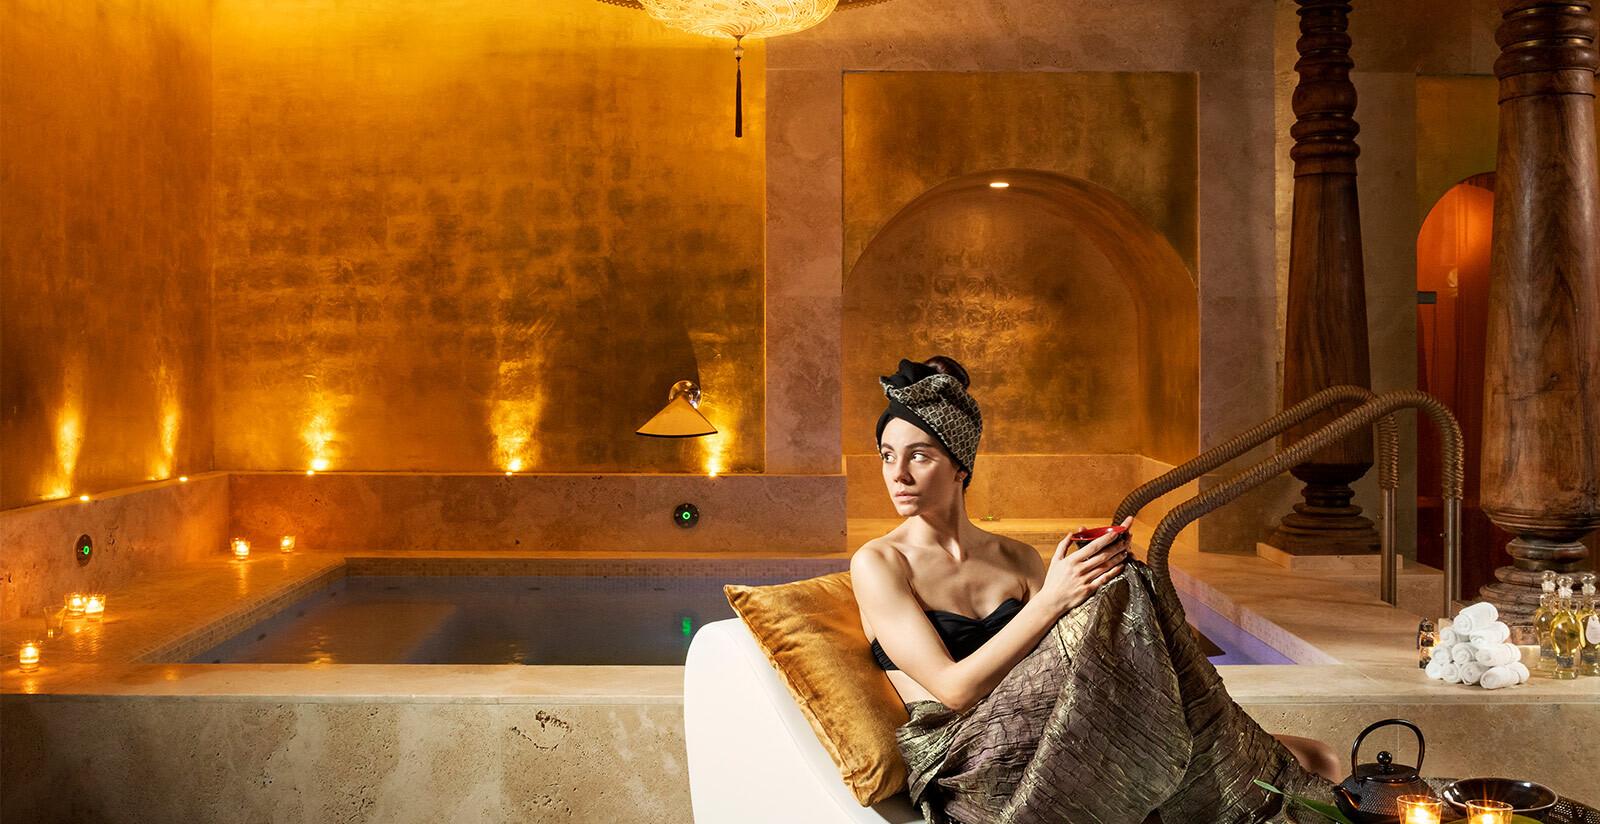 La spa dell'Hotel Metropole a Venezia.